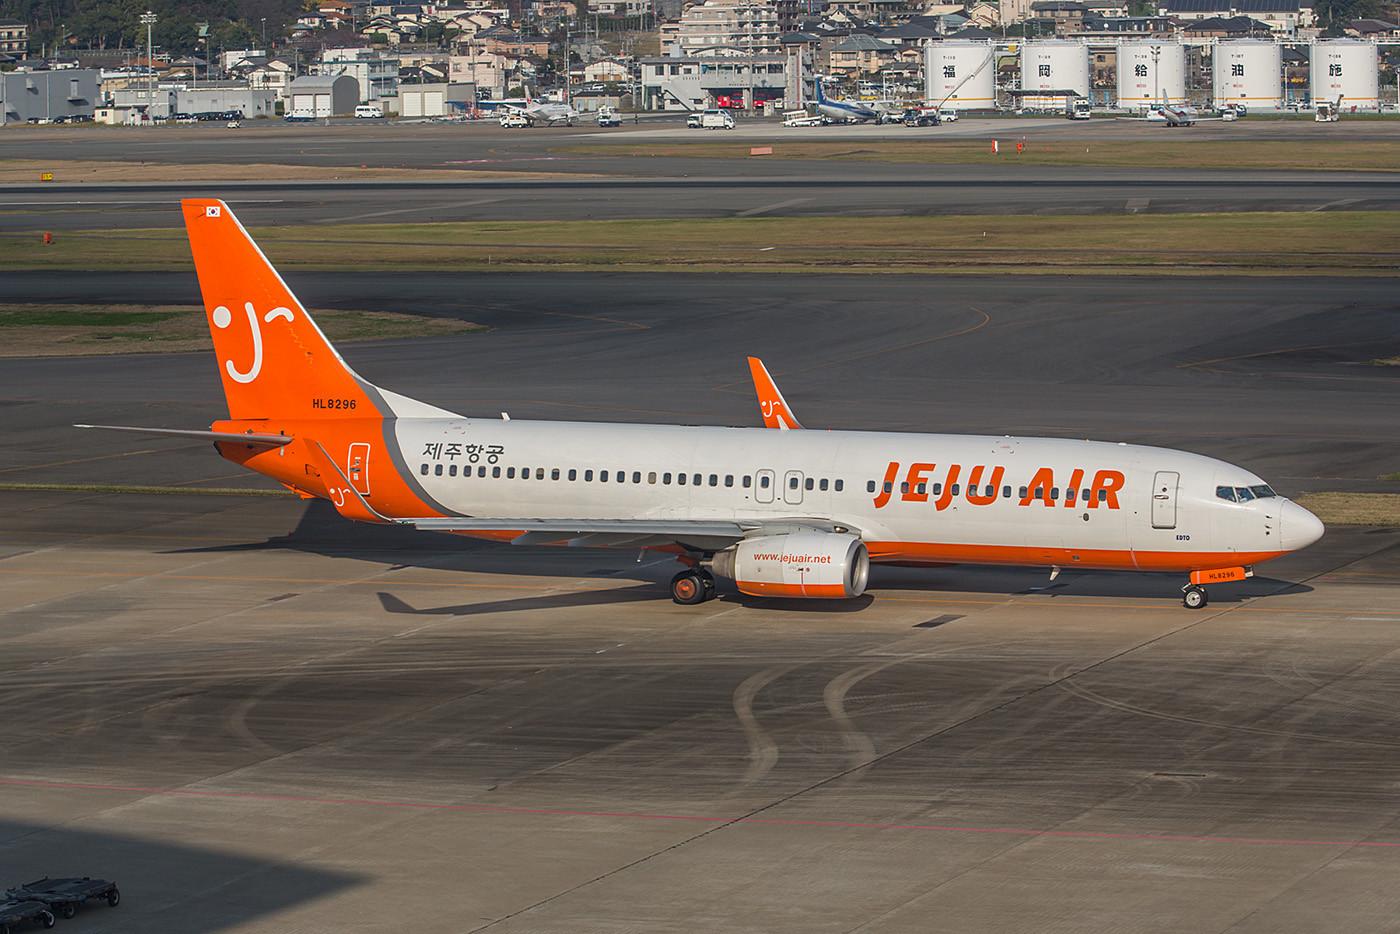 Die Jeju Air, hat ihren Hauptsitz auf der gleichnamigen koreanischen Urlaubsinsel. Sie betreibt derzeit 20 Boeing 737-800 auf Inlandsrouten und nach Japan und auf die Phillippinen.